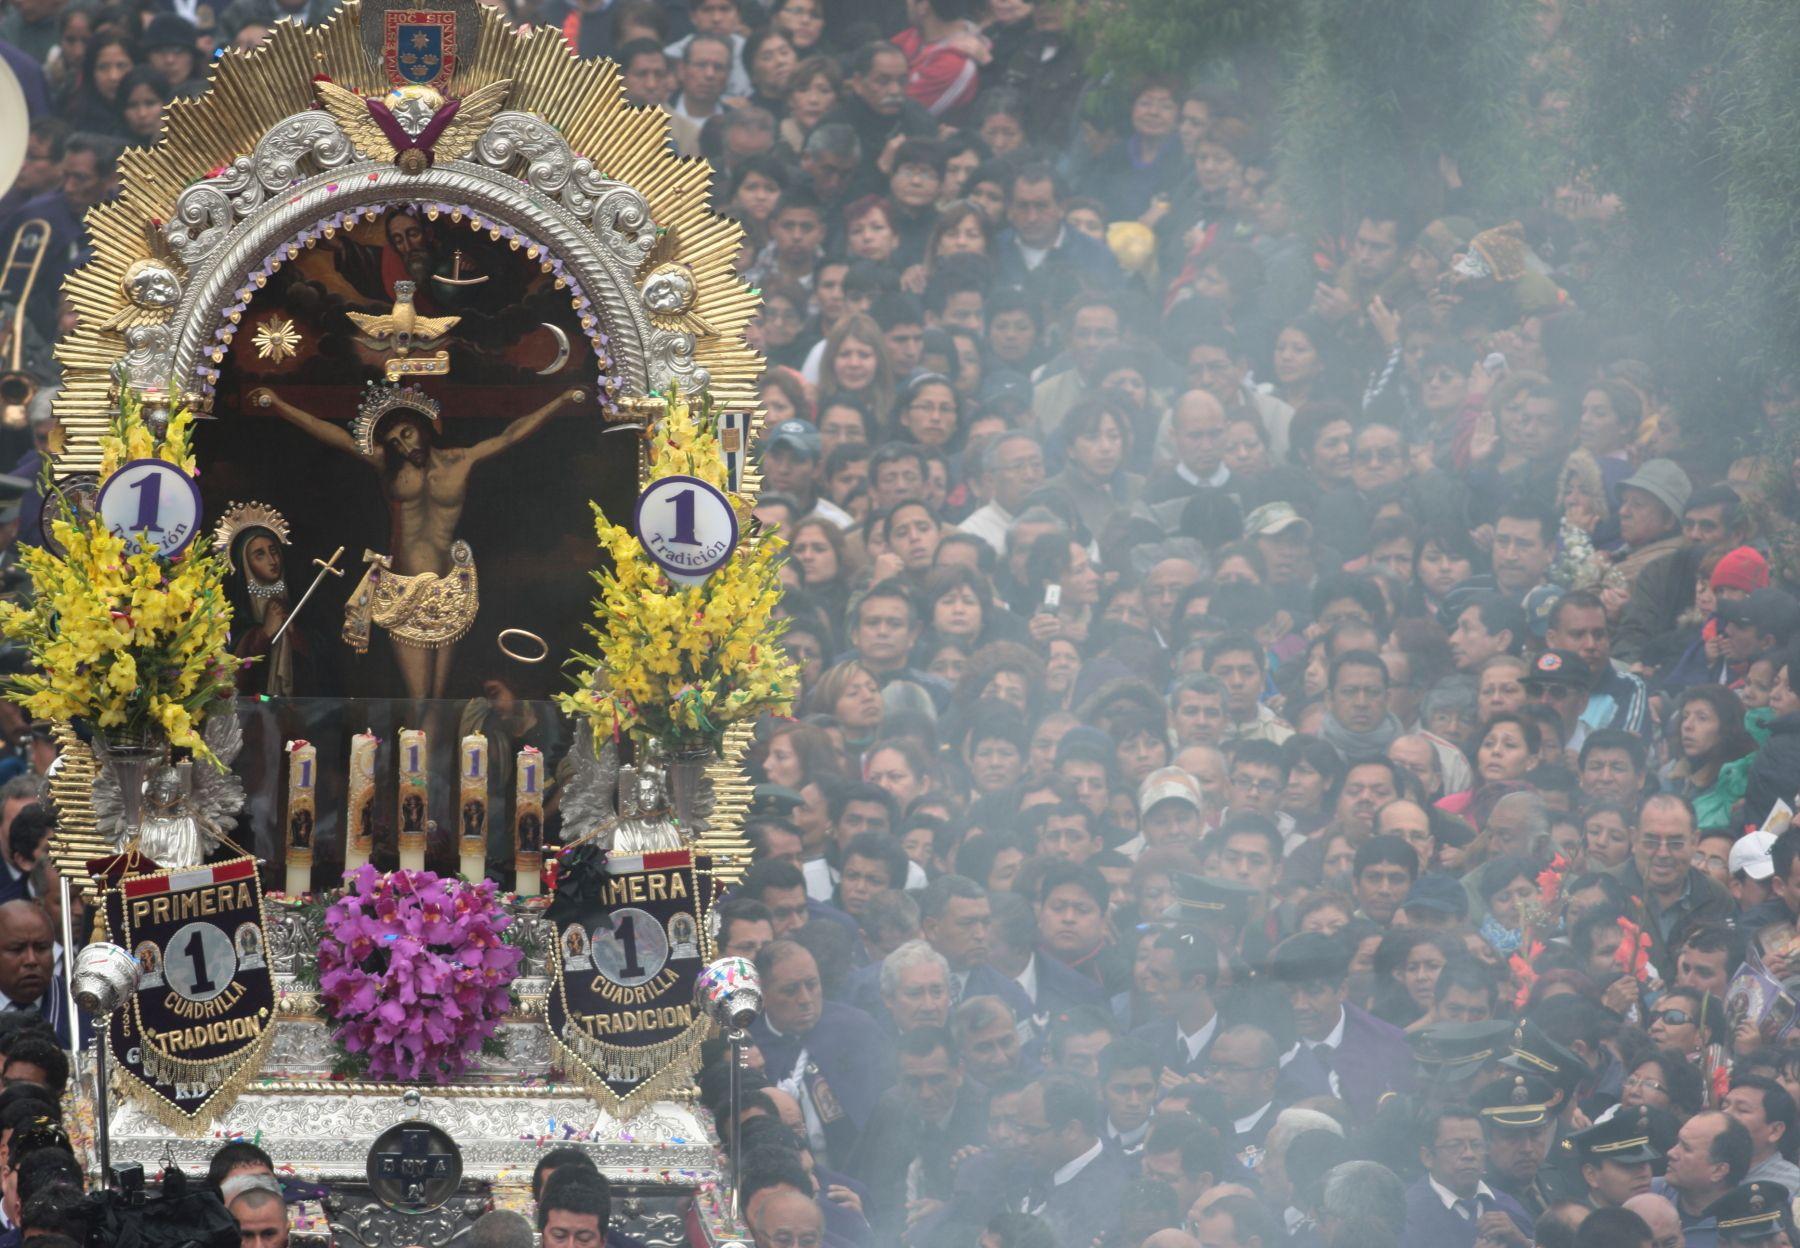 Salida en procesión del Señor de los Milagros. Foto: ANDINA/Juan Carlos Guzmán Negrini.